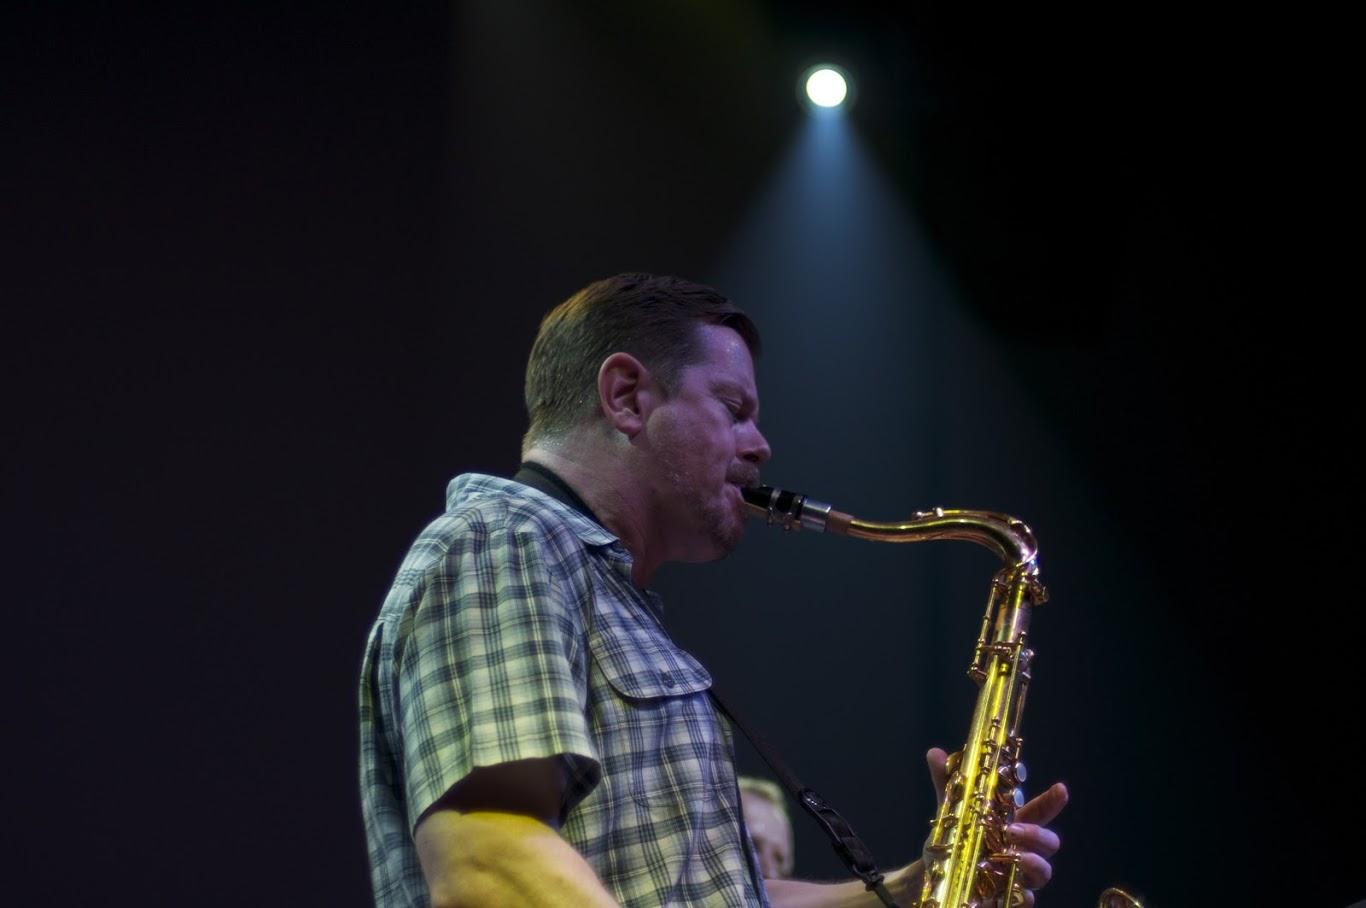 Ken Vandermark performing in 2010. Photo by  Aleksandr Zykov on Flickr .